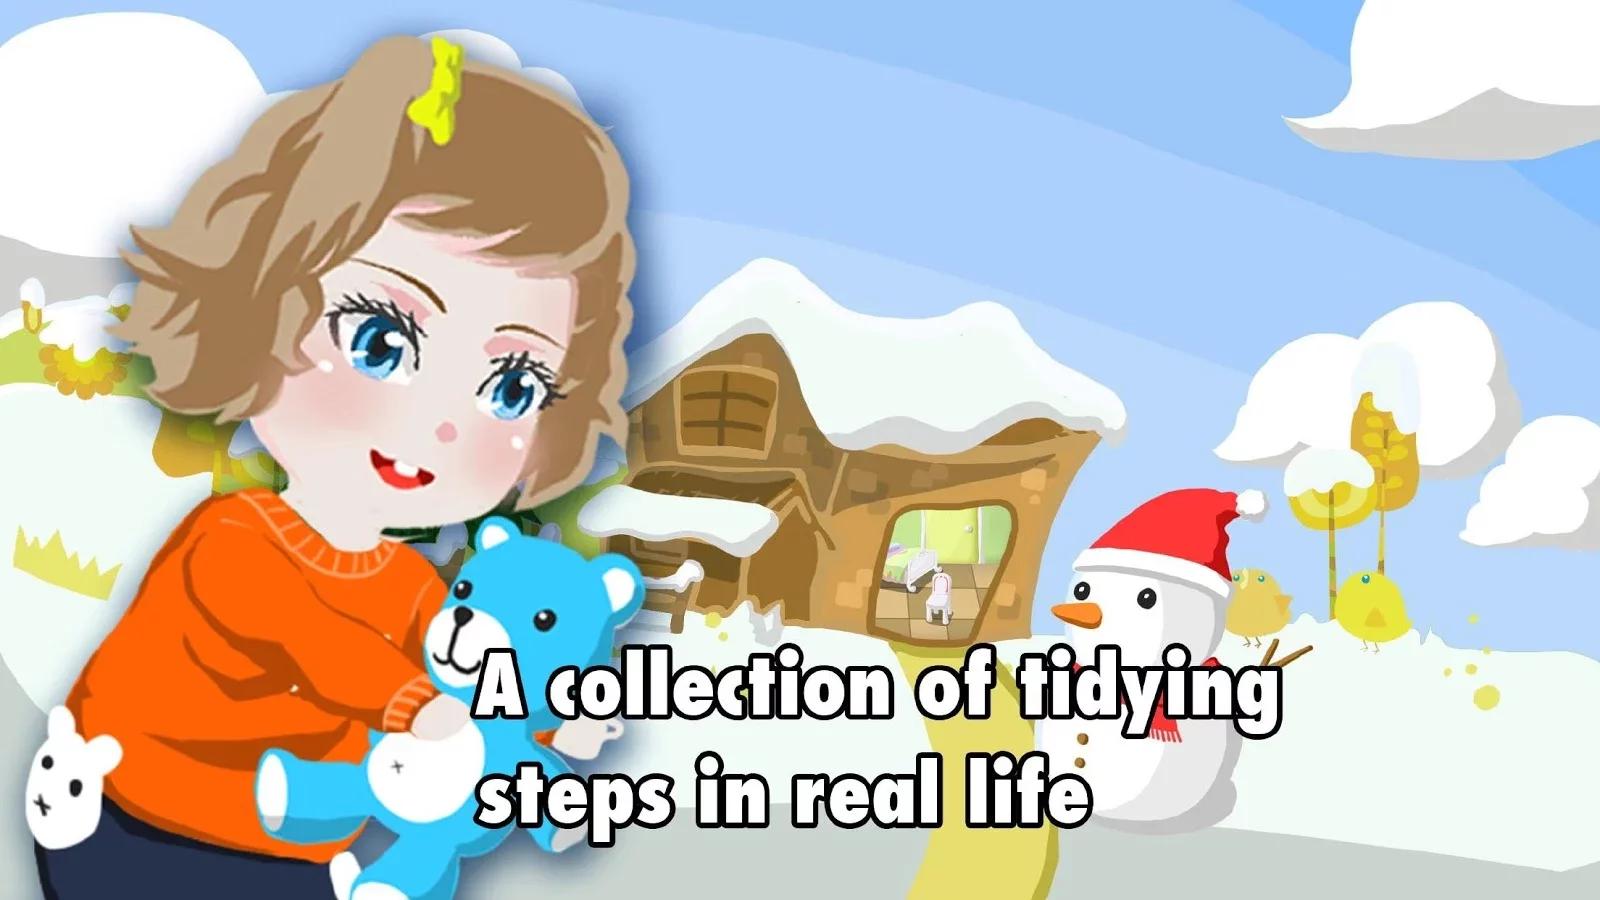 玩具,衣服,图书和蜡笔,通通搞定,您的宝宝能学会如何整理自己的房间